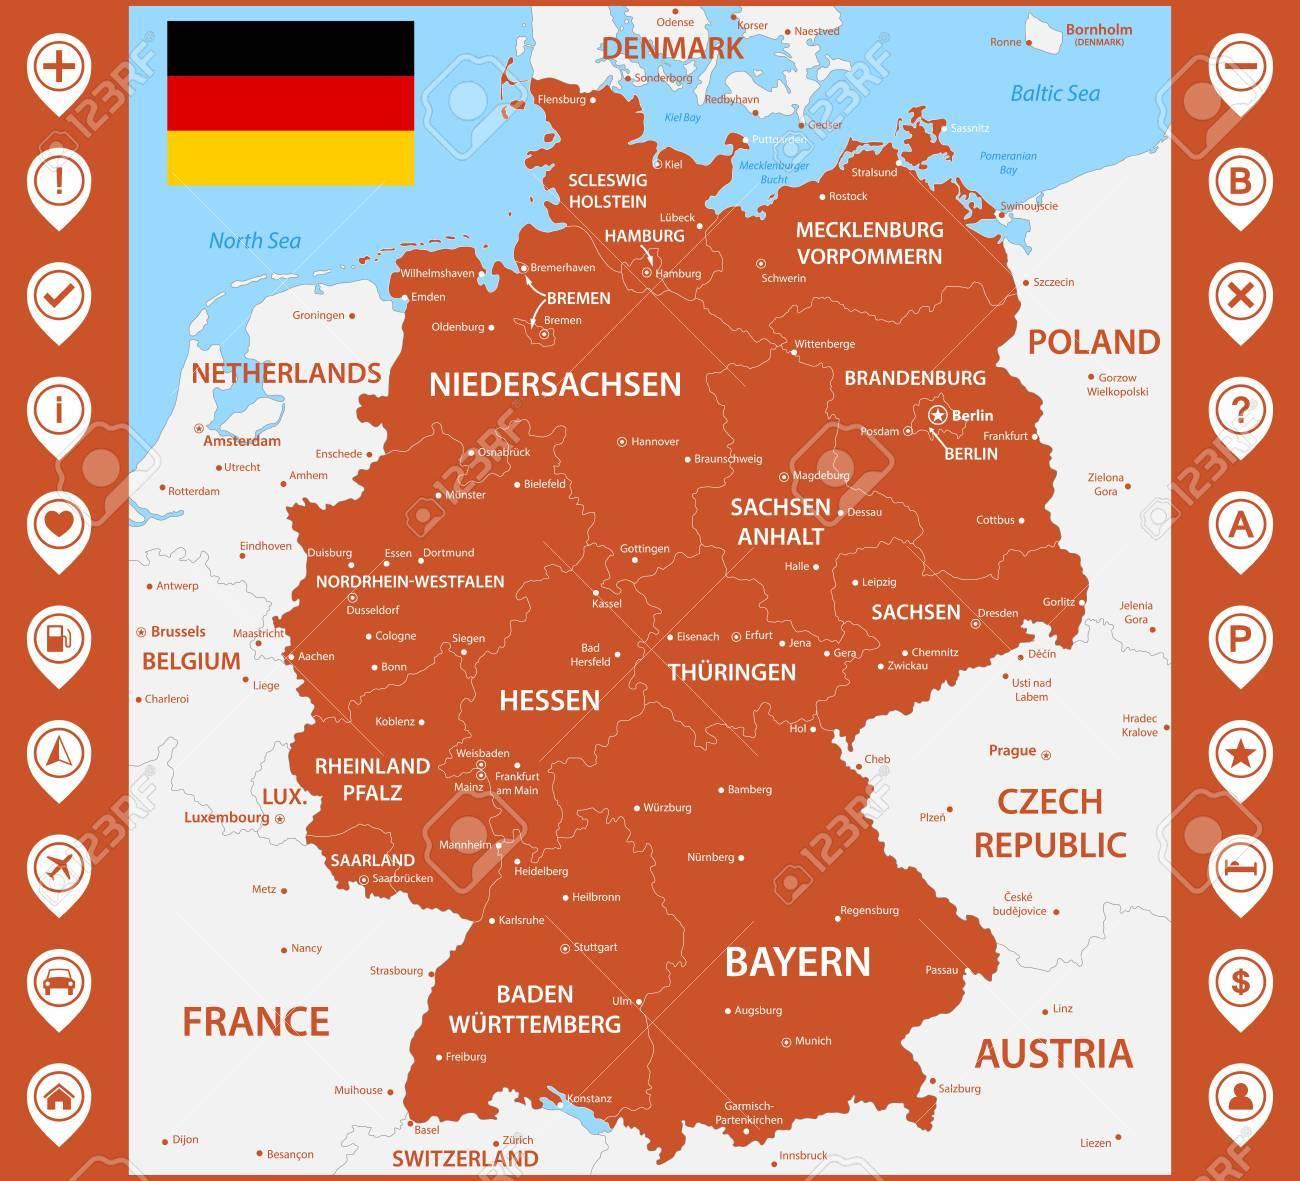 Die Detaillierte Karte Von Deutschland Mit Regionen Oder Staaten